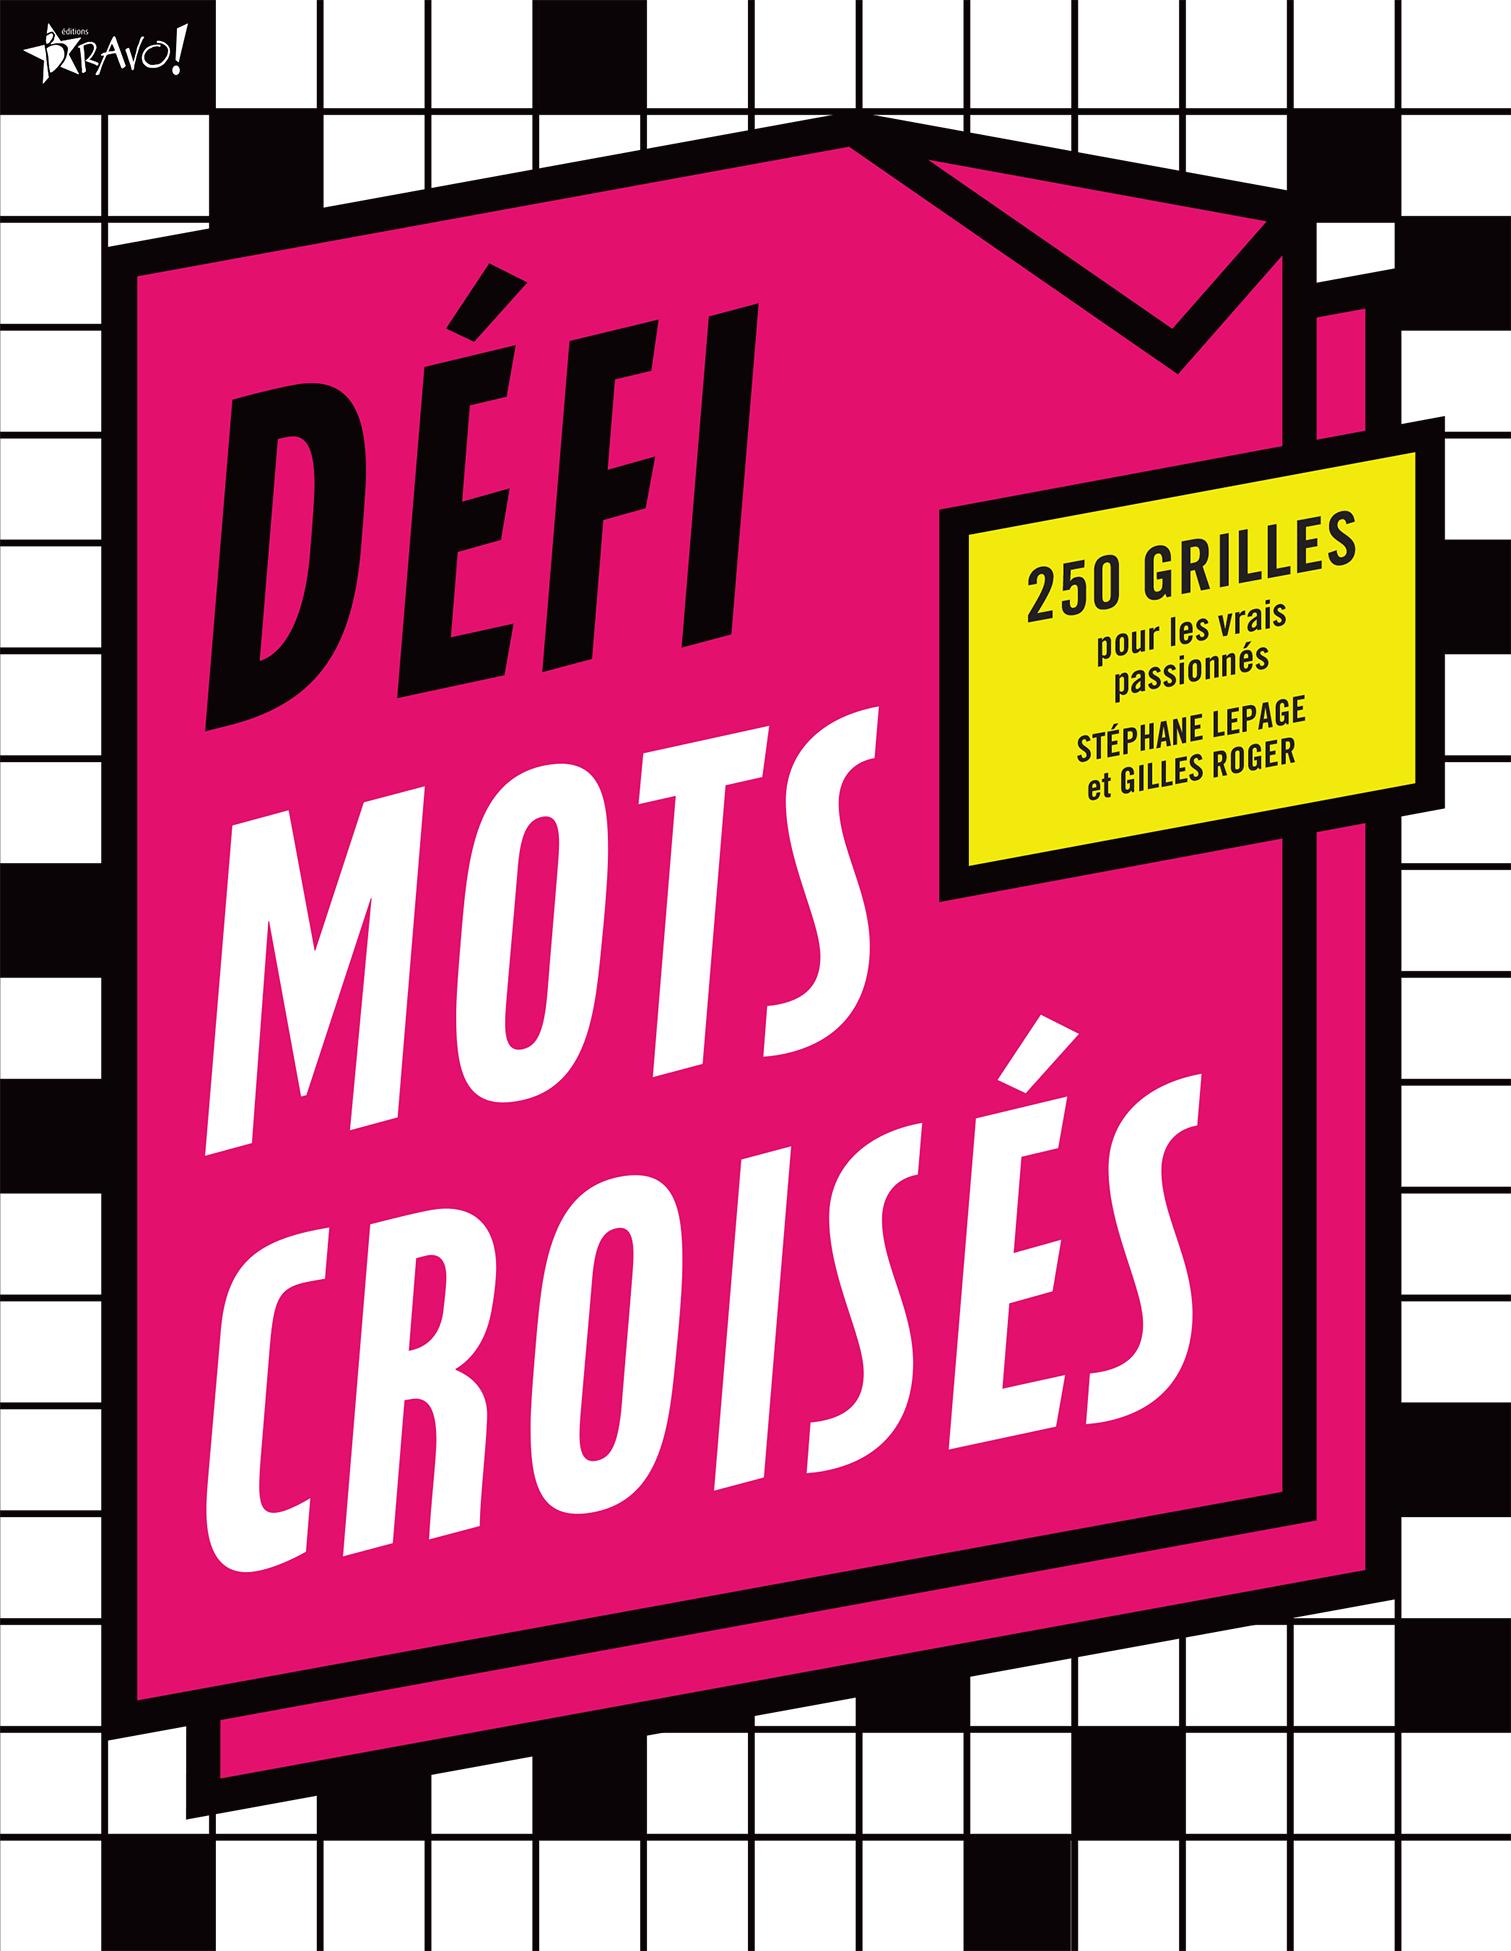 294_DefiMotsCroises_C1